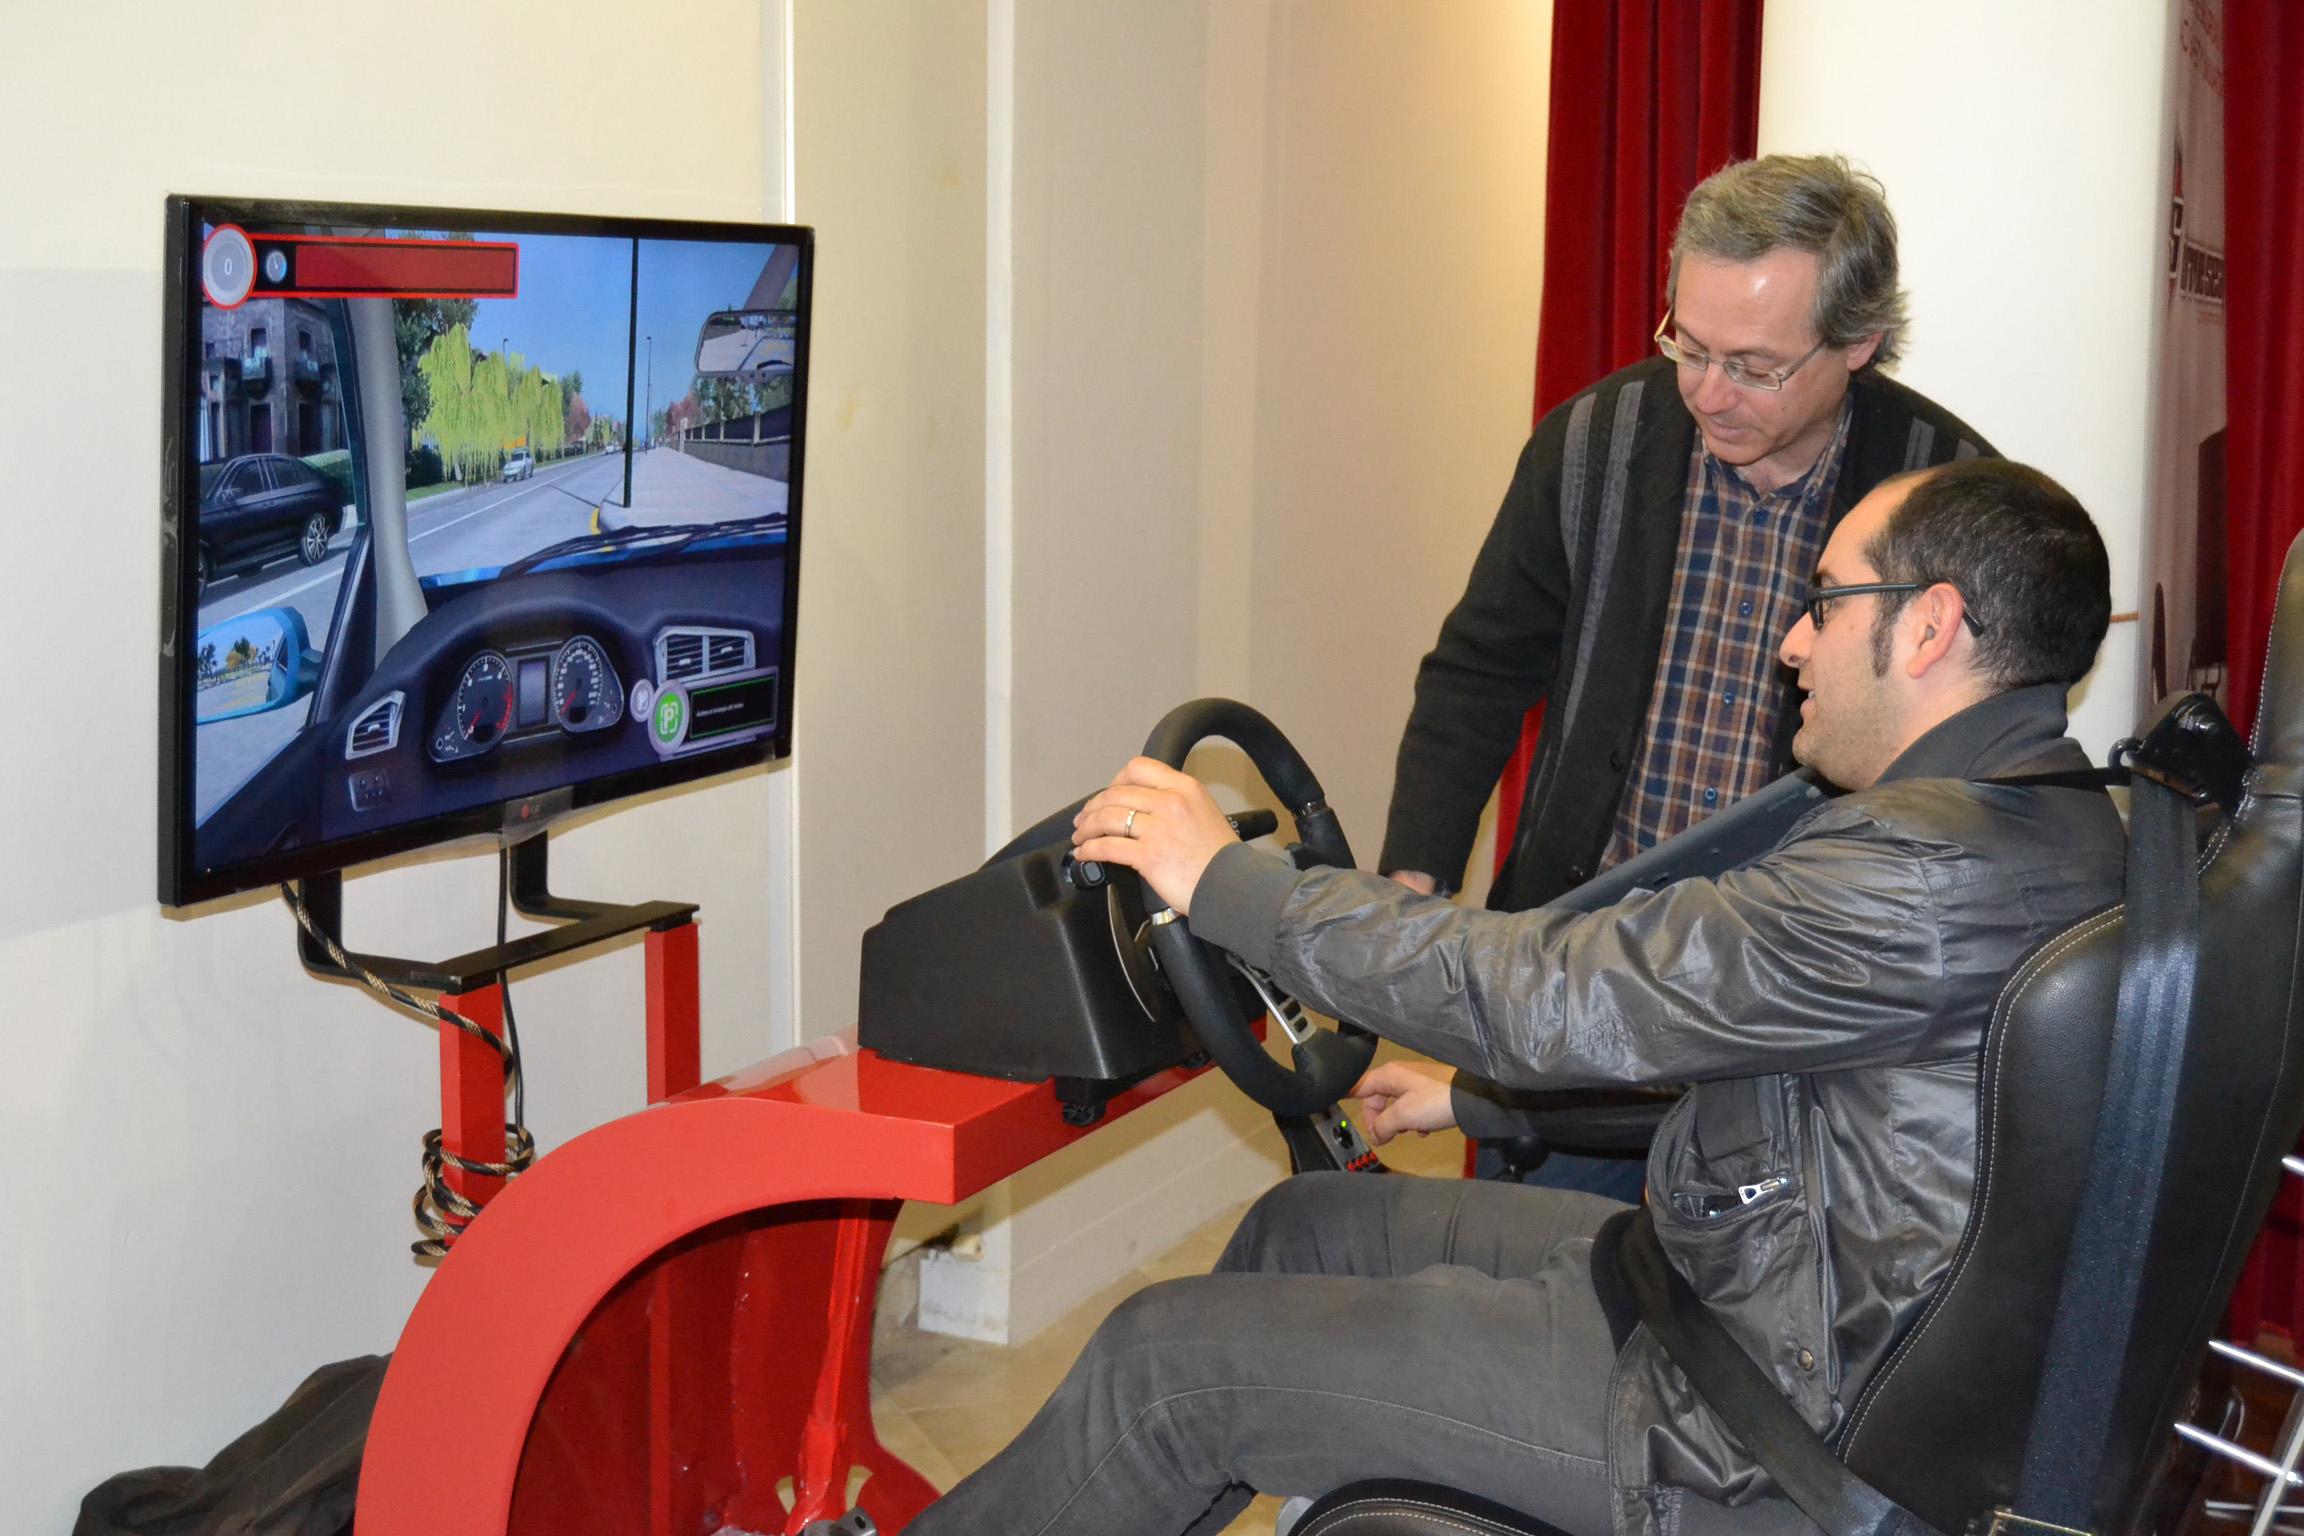 Simulador de conducción: DRIVESIM Y DRIVE SEAT 500ST